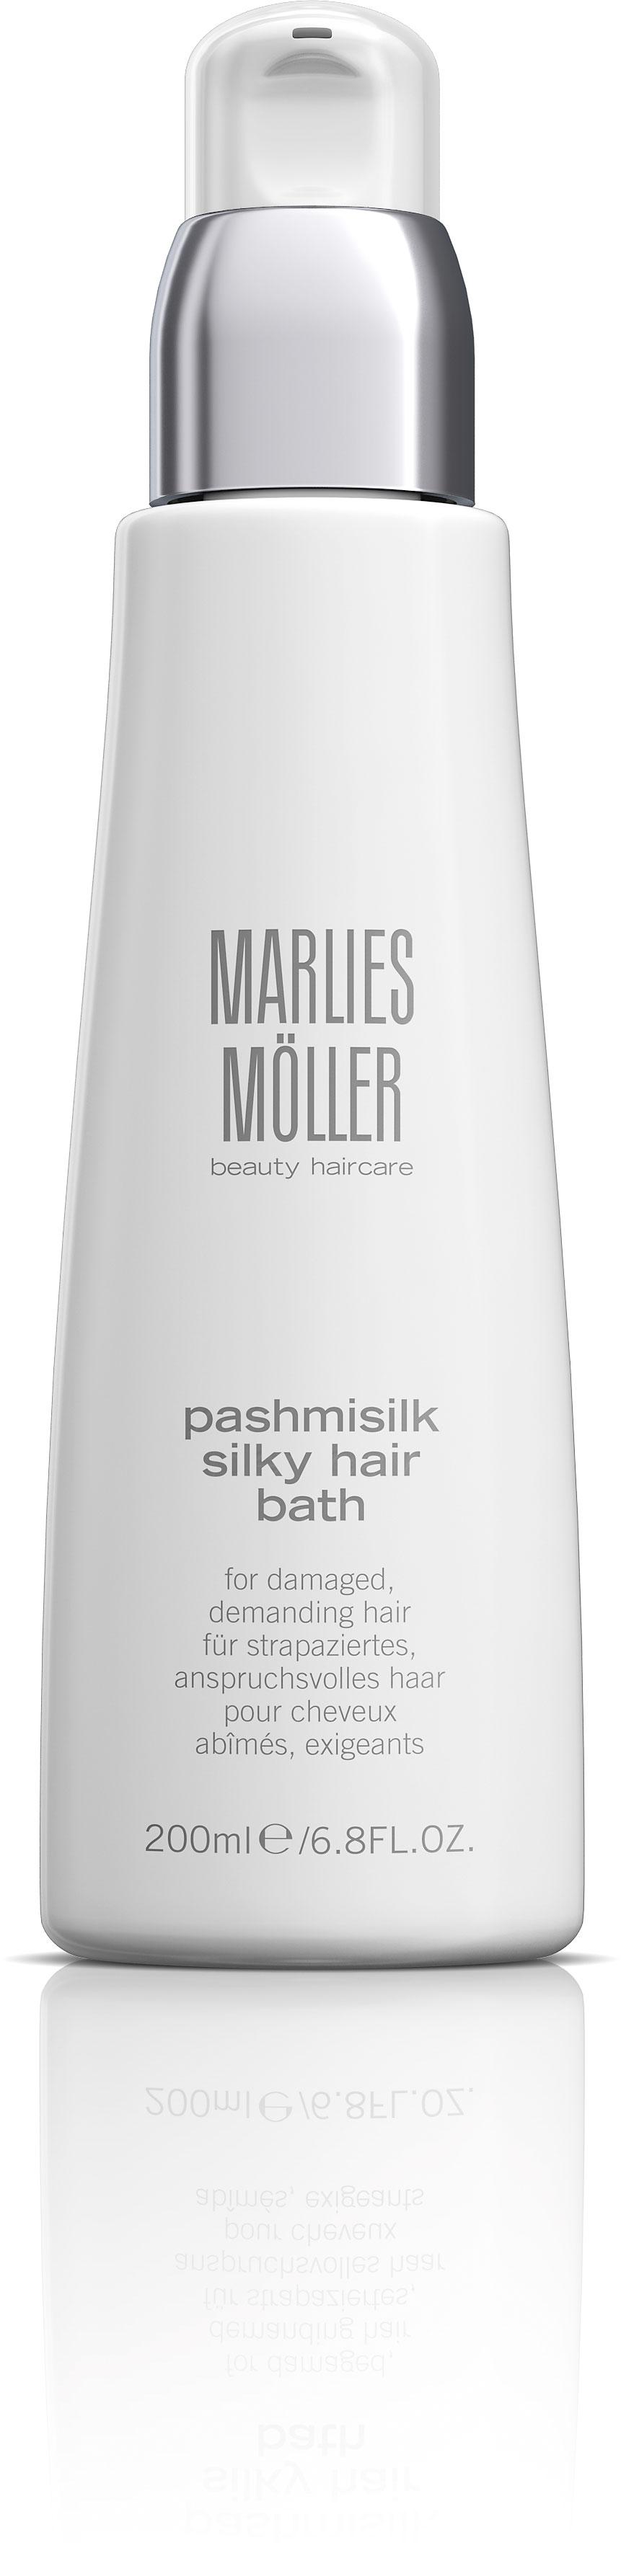 Marlies Möller Pash Silk Supreme Shampoo 200 ml